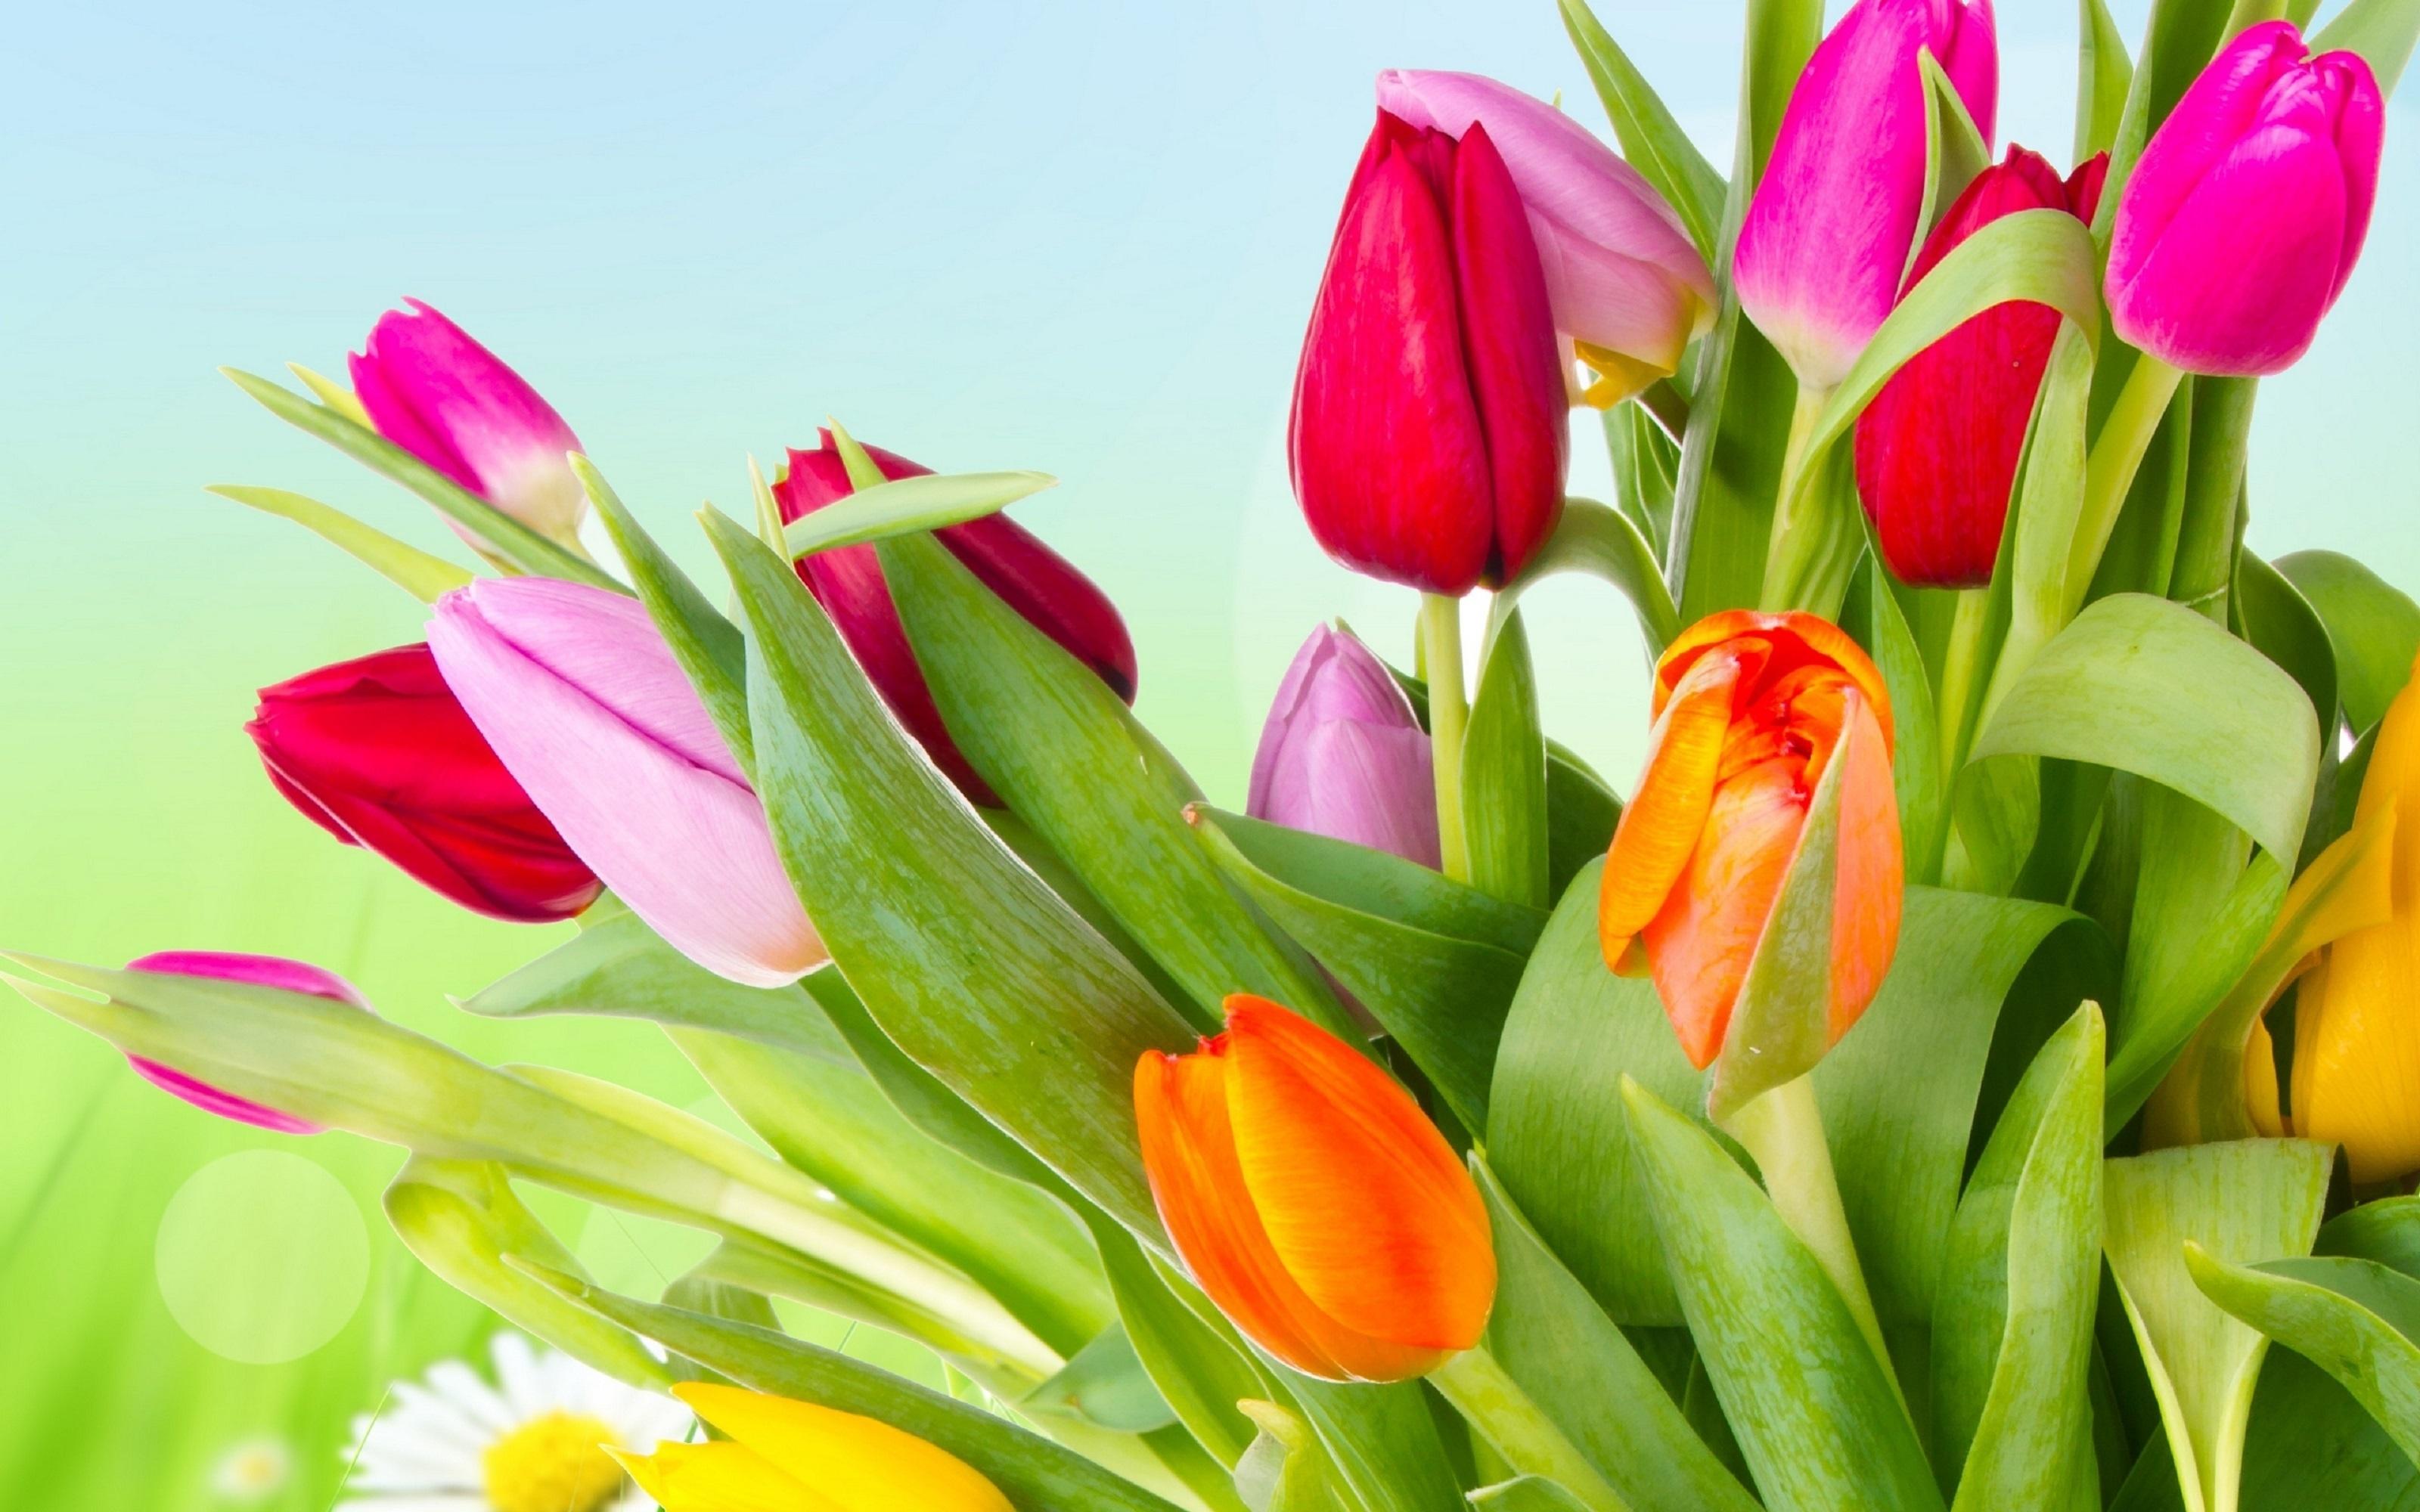 тюльпаны весна цветы загрузить